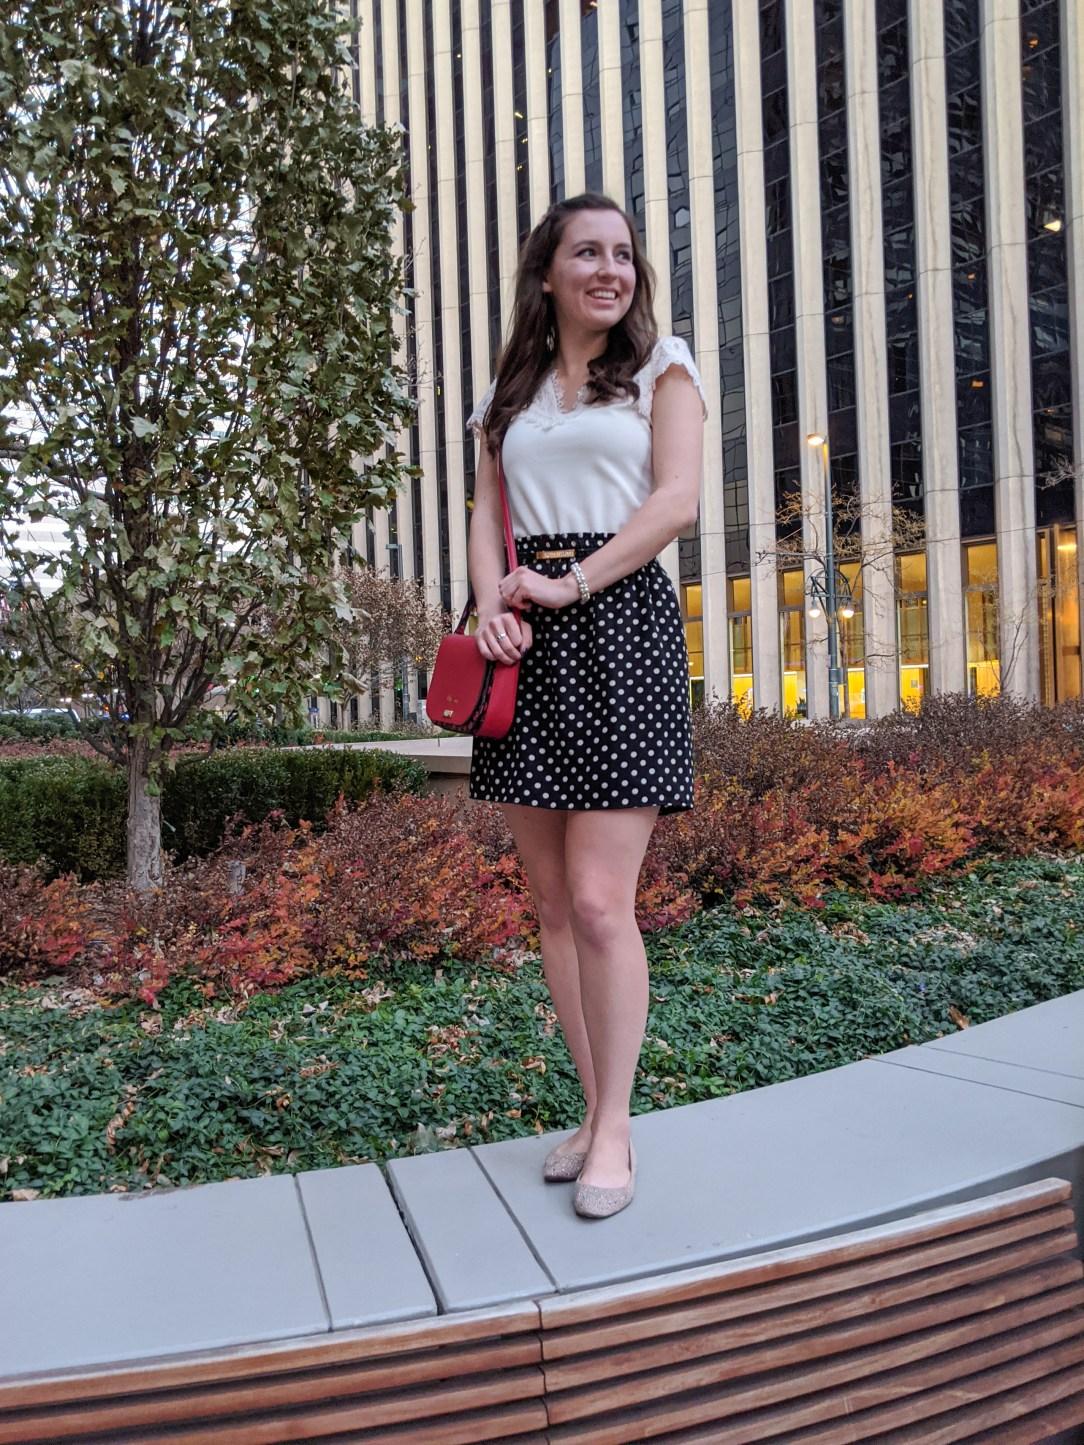 girly outfit, girly style, feminine style, fashion blogger